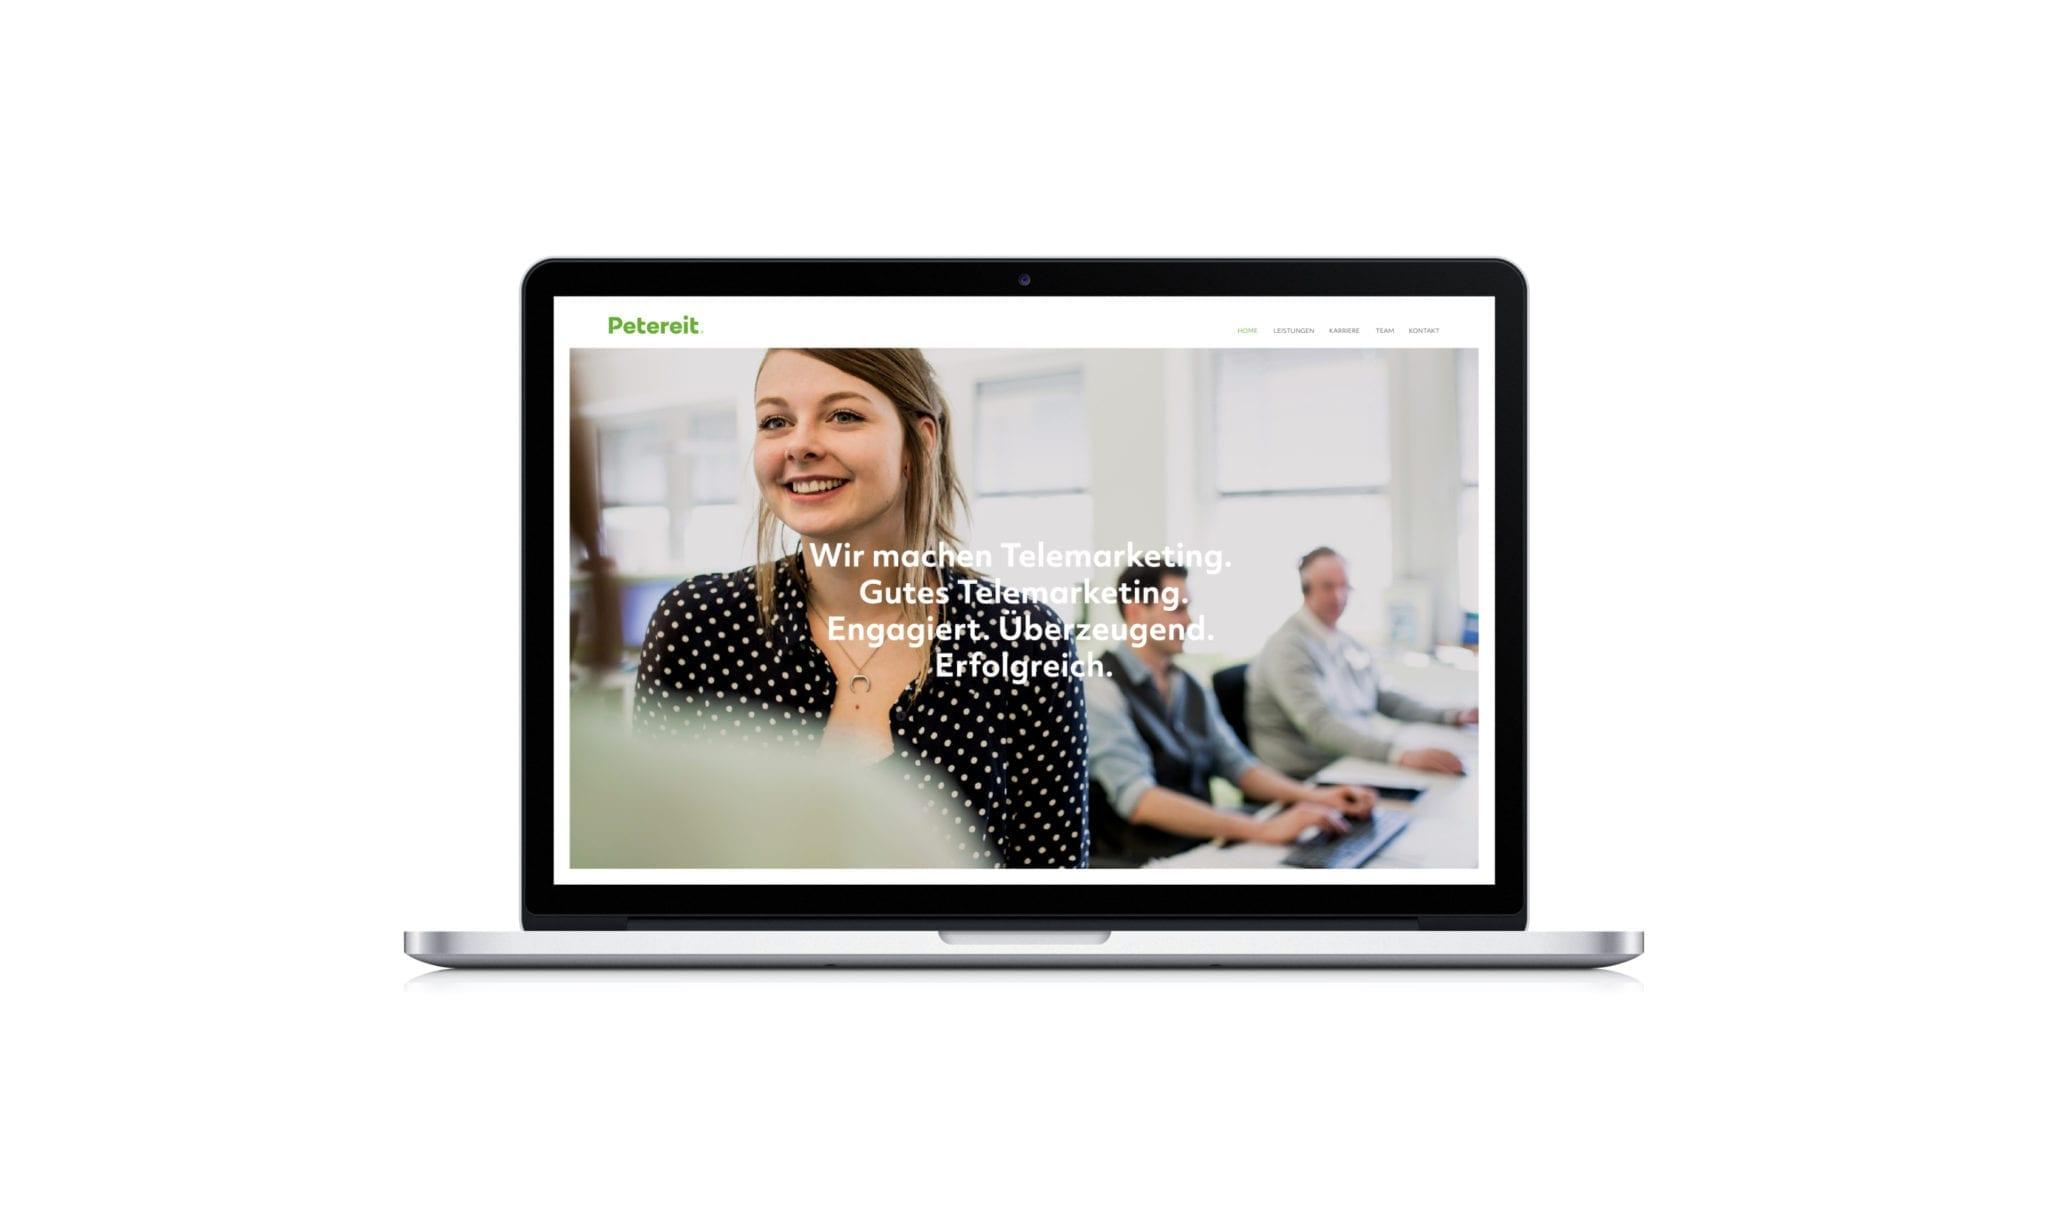 Petereit Webdesign auf MacBook